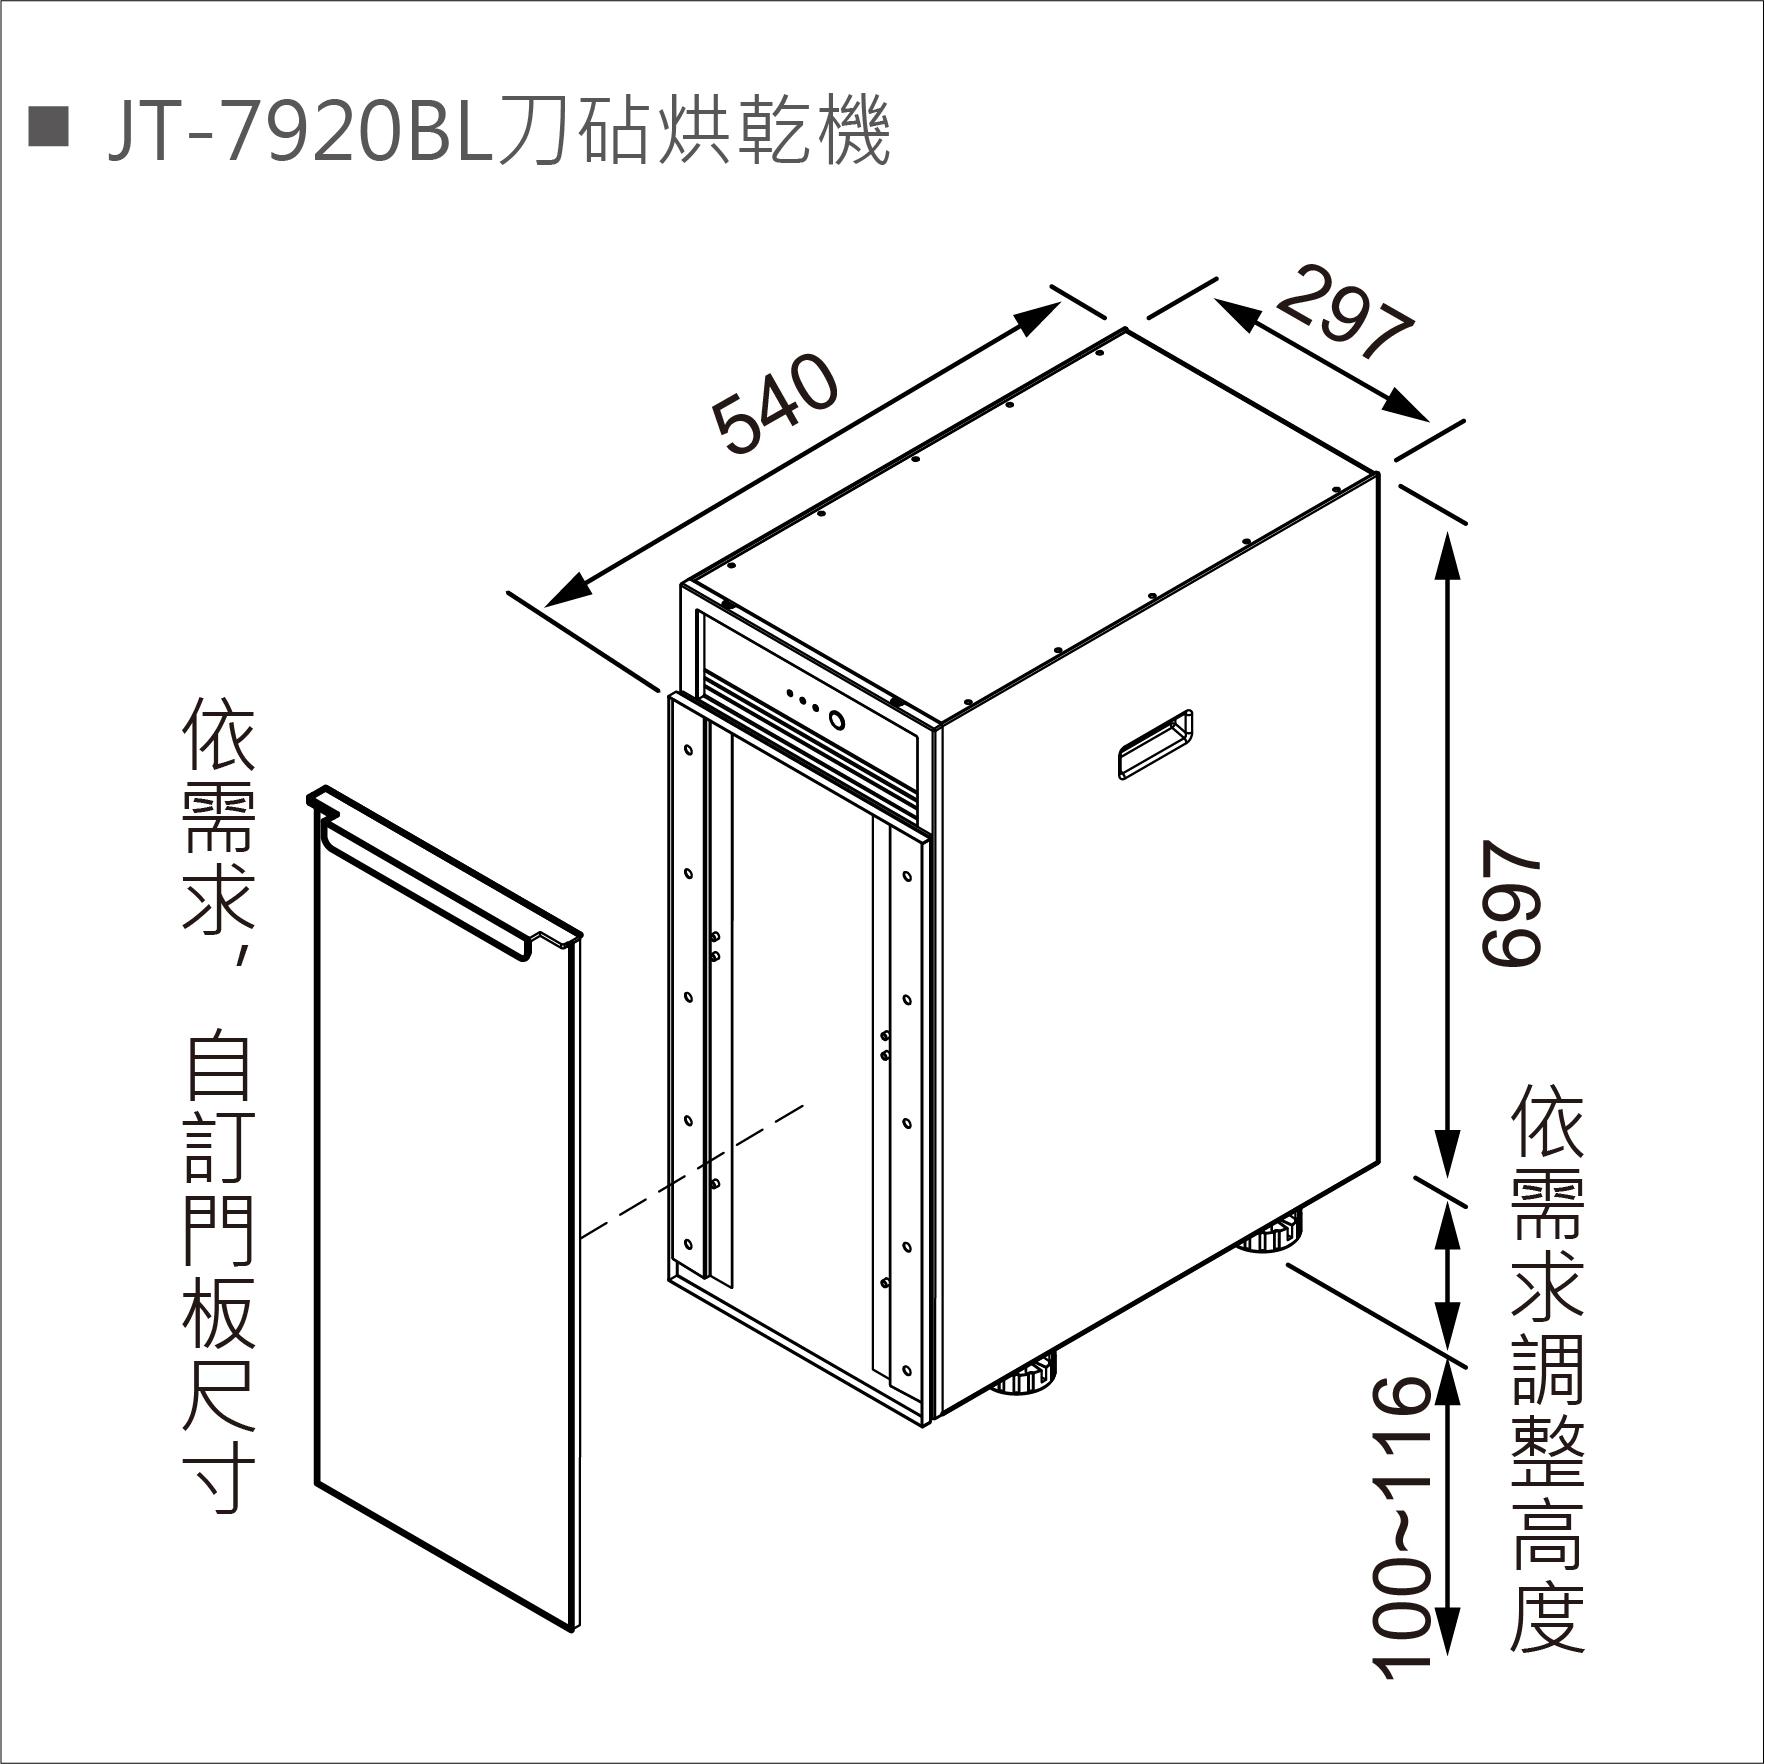 JT-7920BL 刀砧烘乾機-JT-7920BL